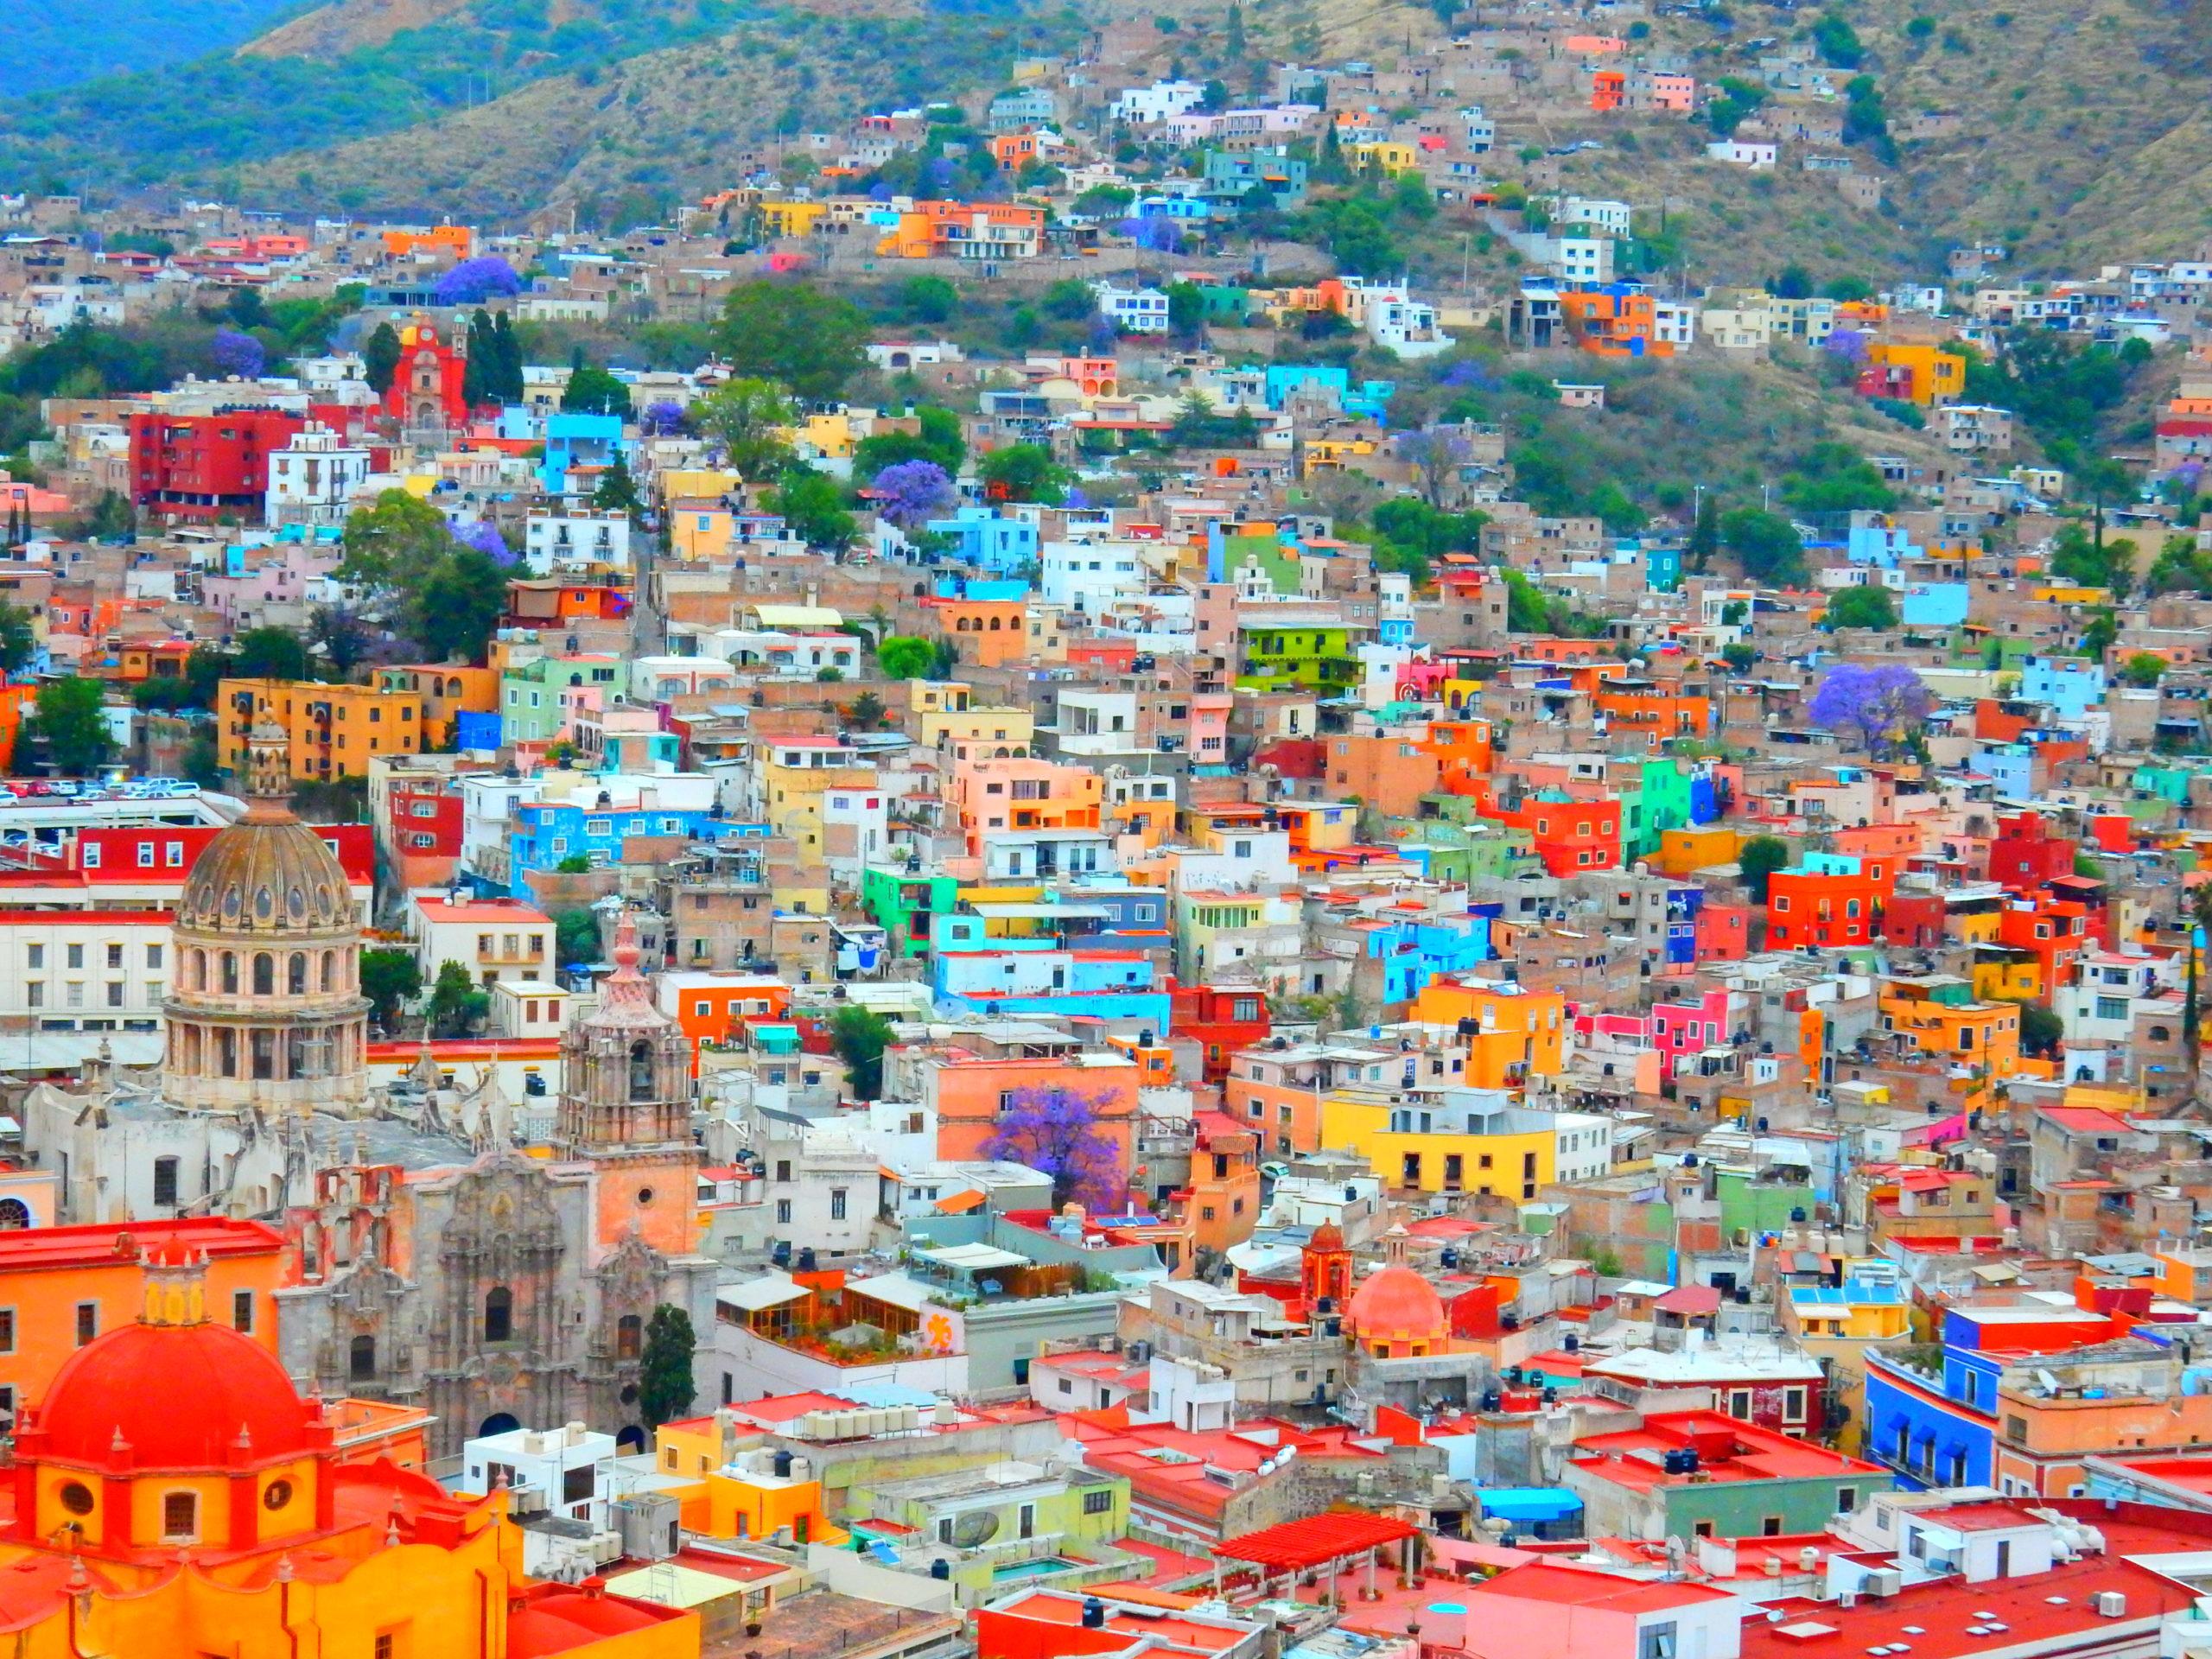 【メキシコ通貨】メキシコペソの超基礎